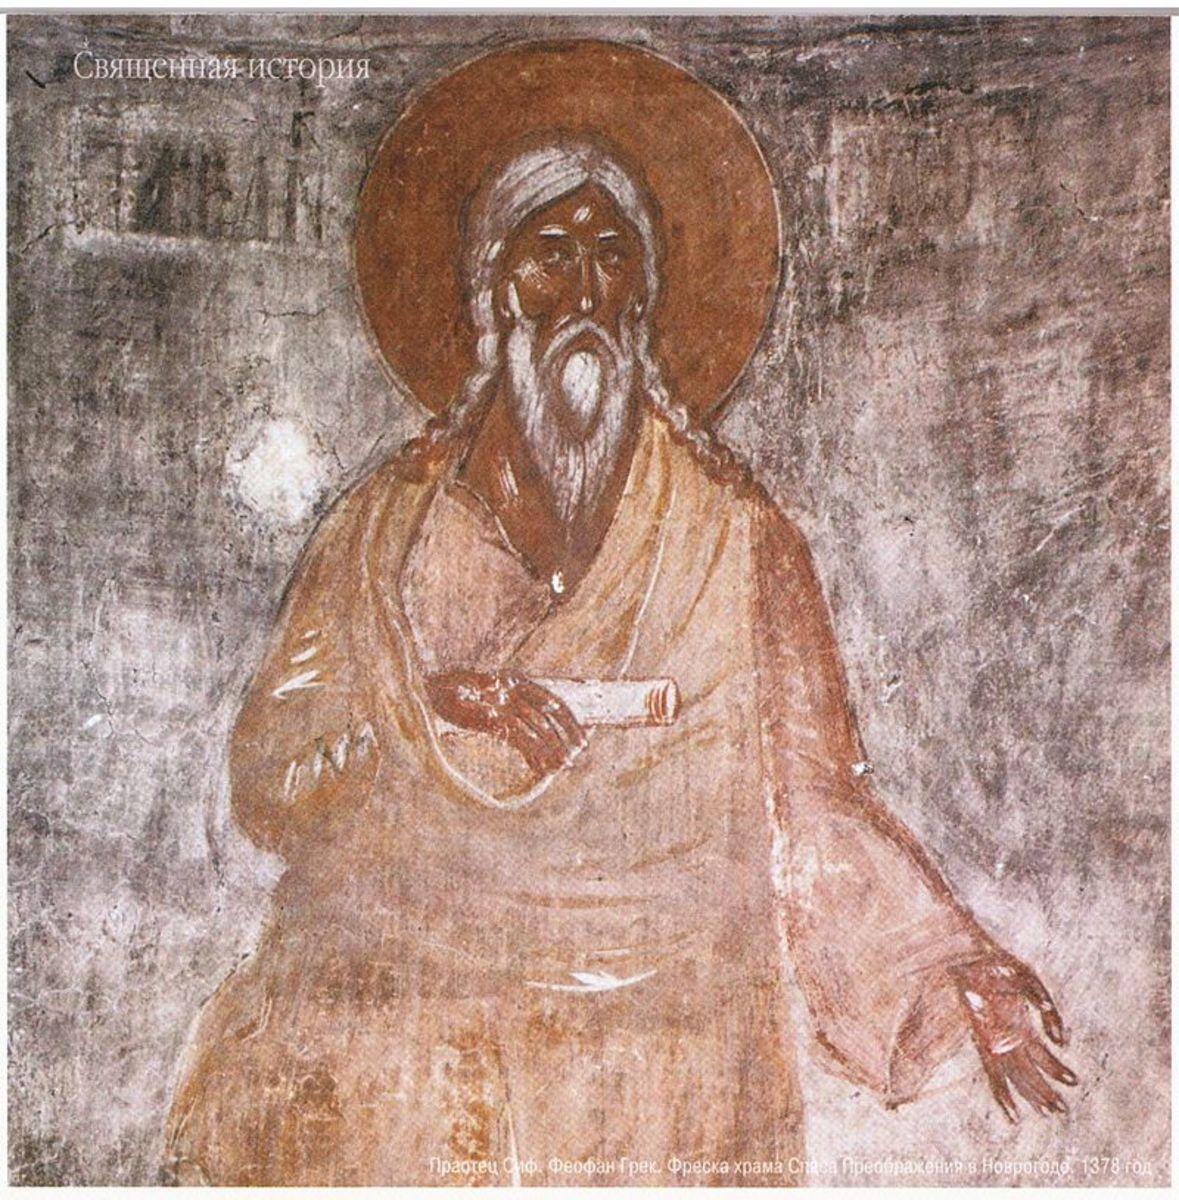 Patriarch Seth